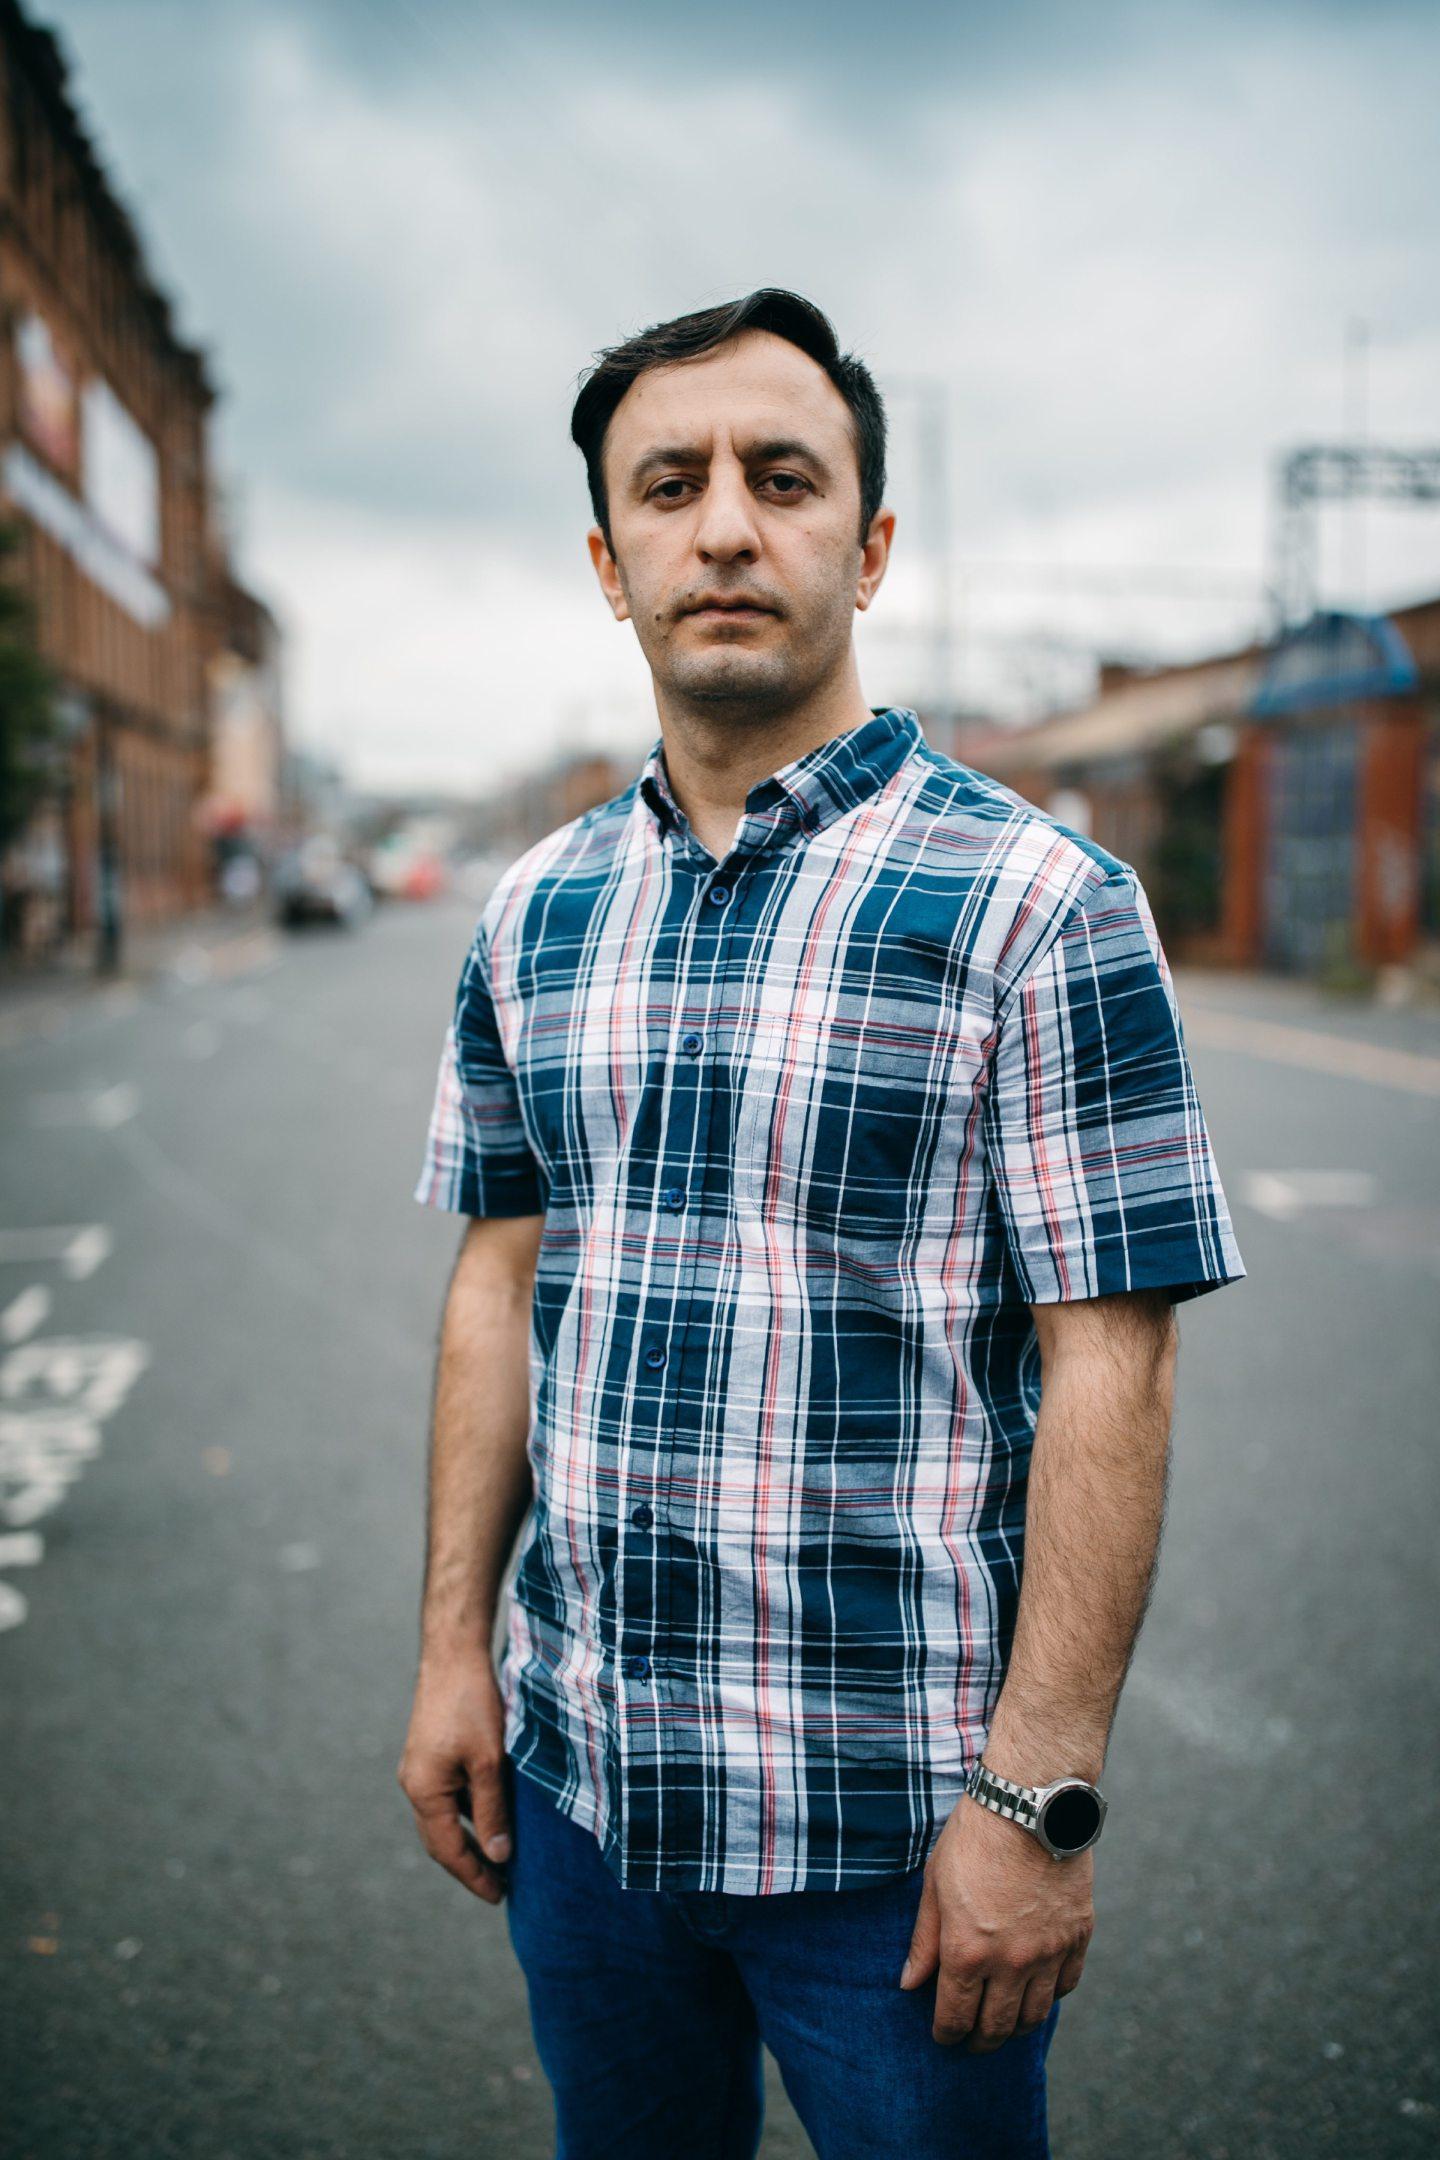 Former interpreter Ahmad Refa